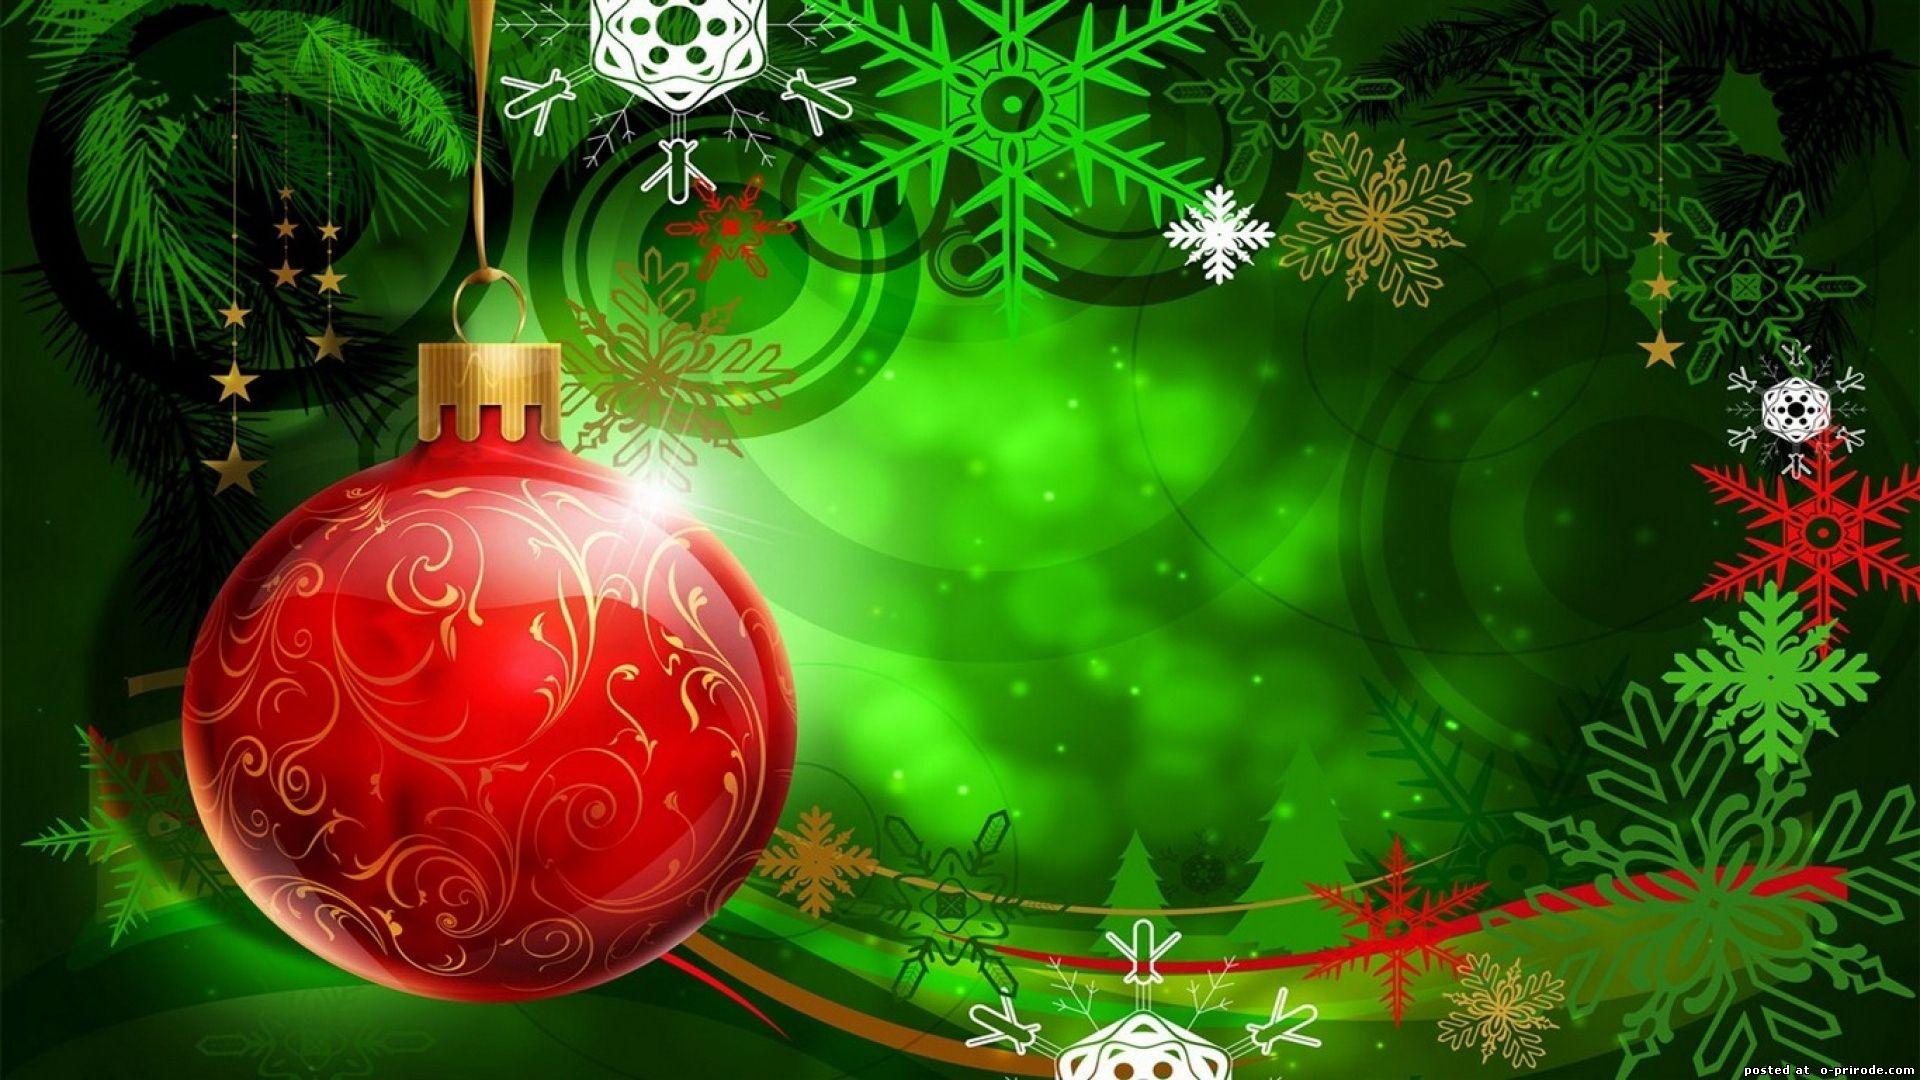 Вітаємо Вас з наступаючим Новим роком та Різдвом Христовим! | #1